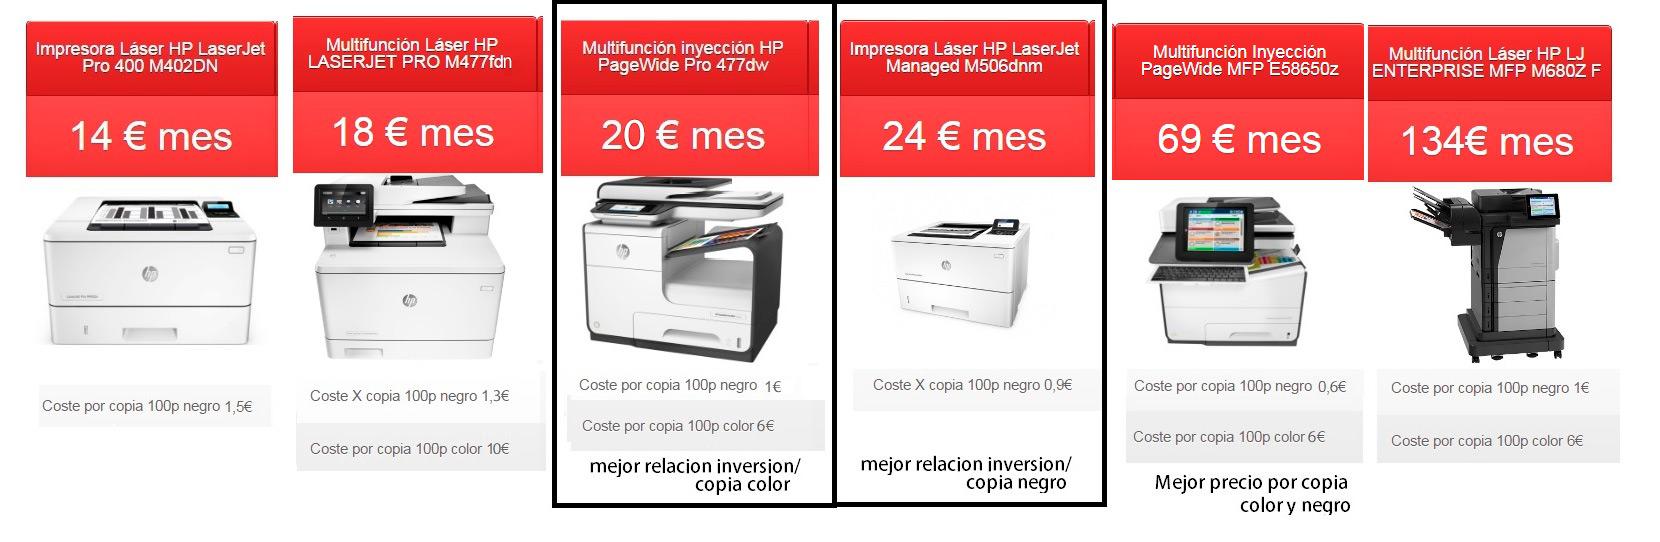 Impresoras en coste por copia con mantenimiento \